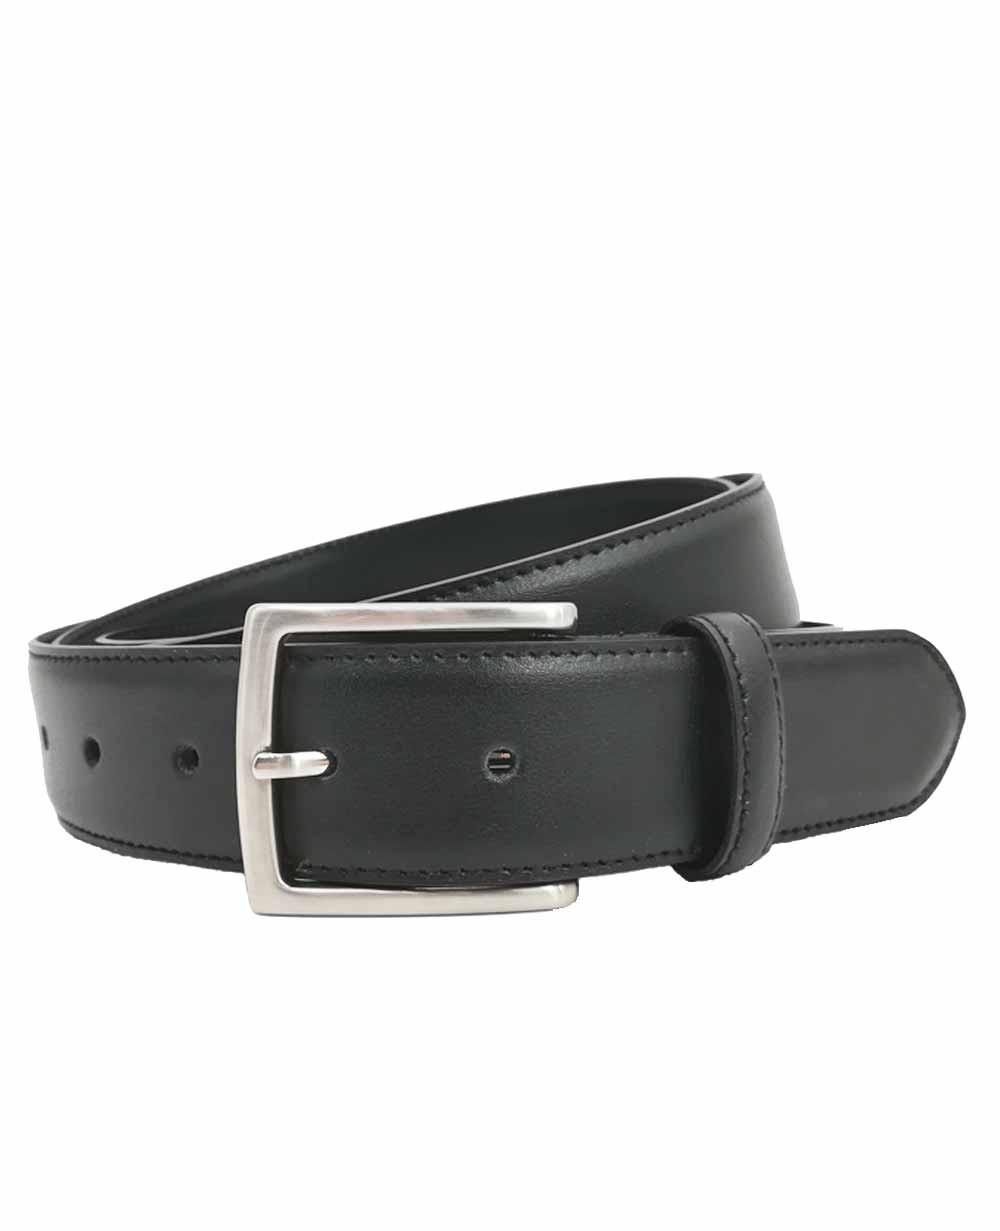 Dalvi Cinturón Talla Especial clásico Piel Negro 130 (Foto )